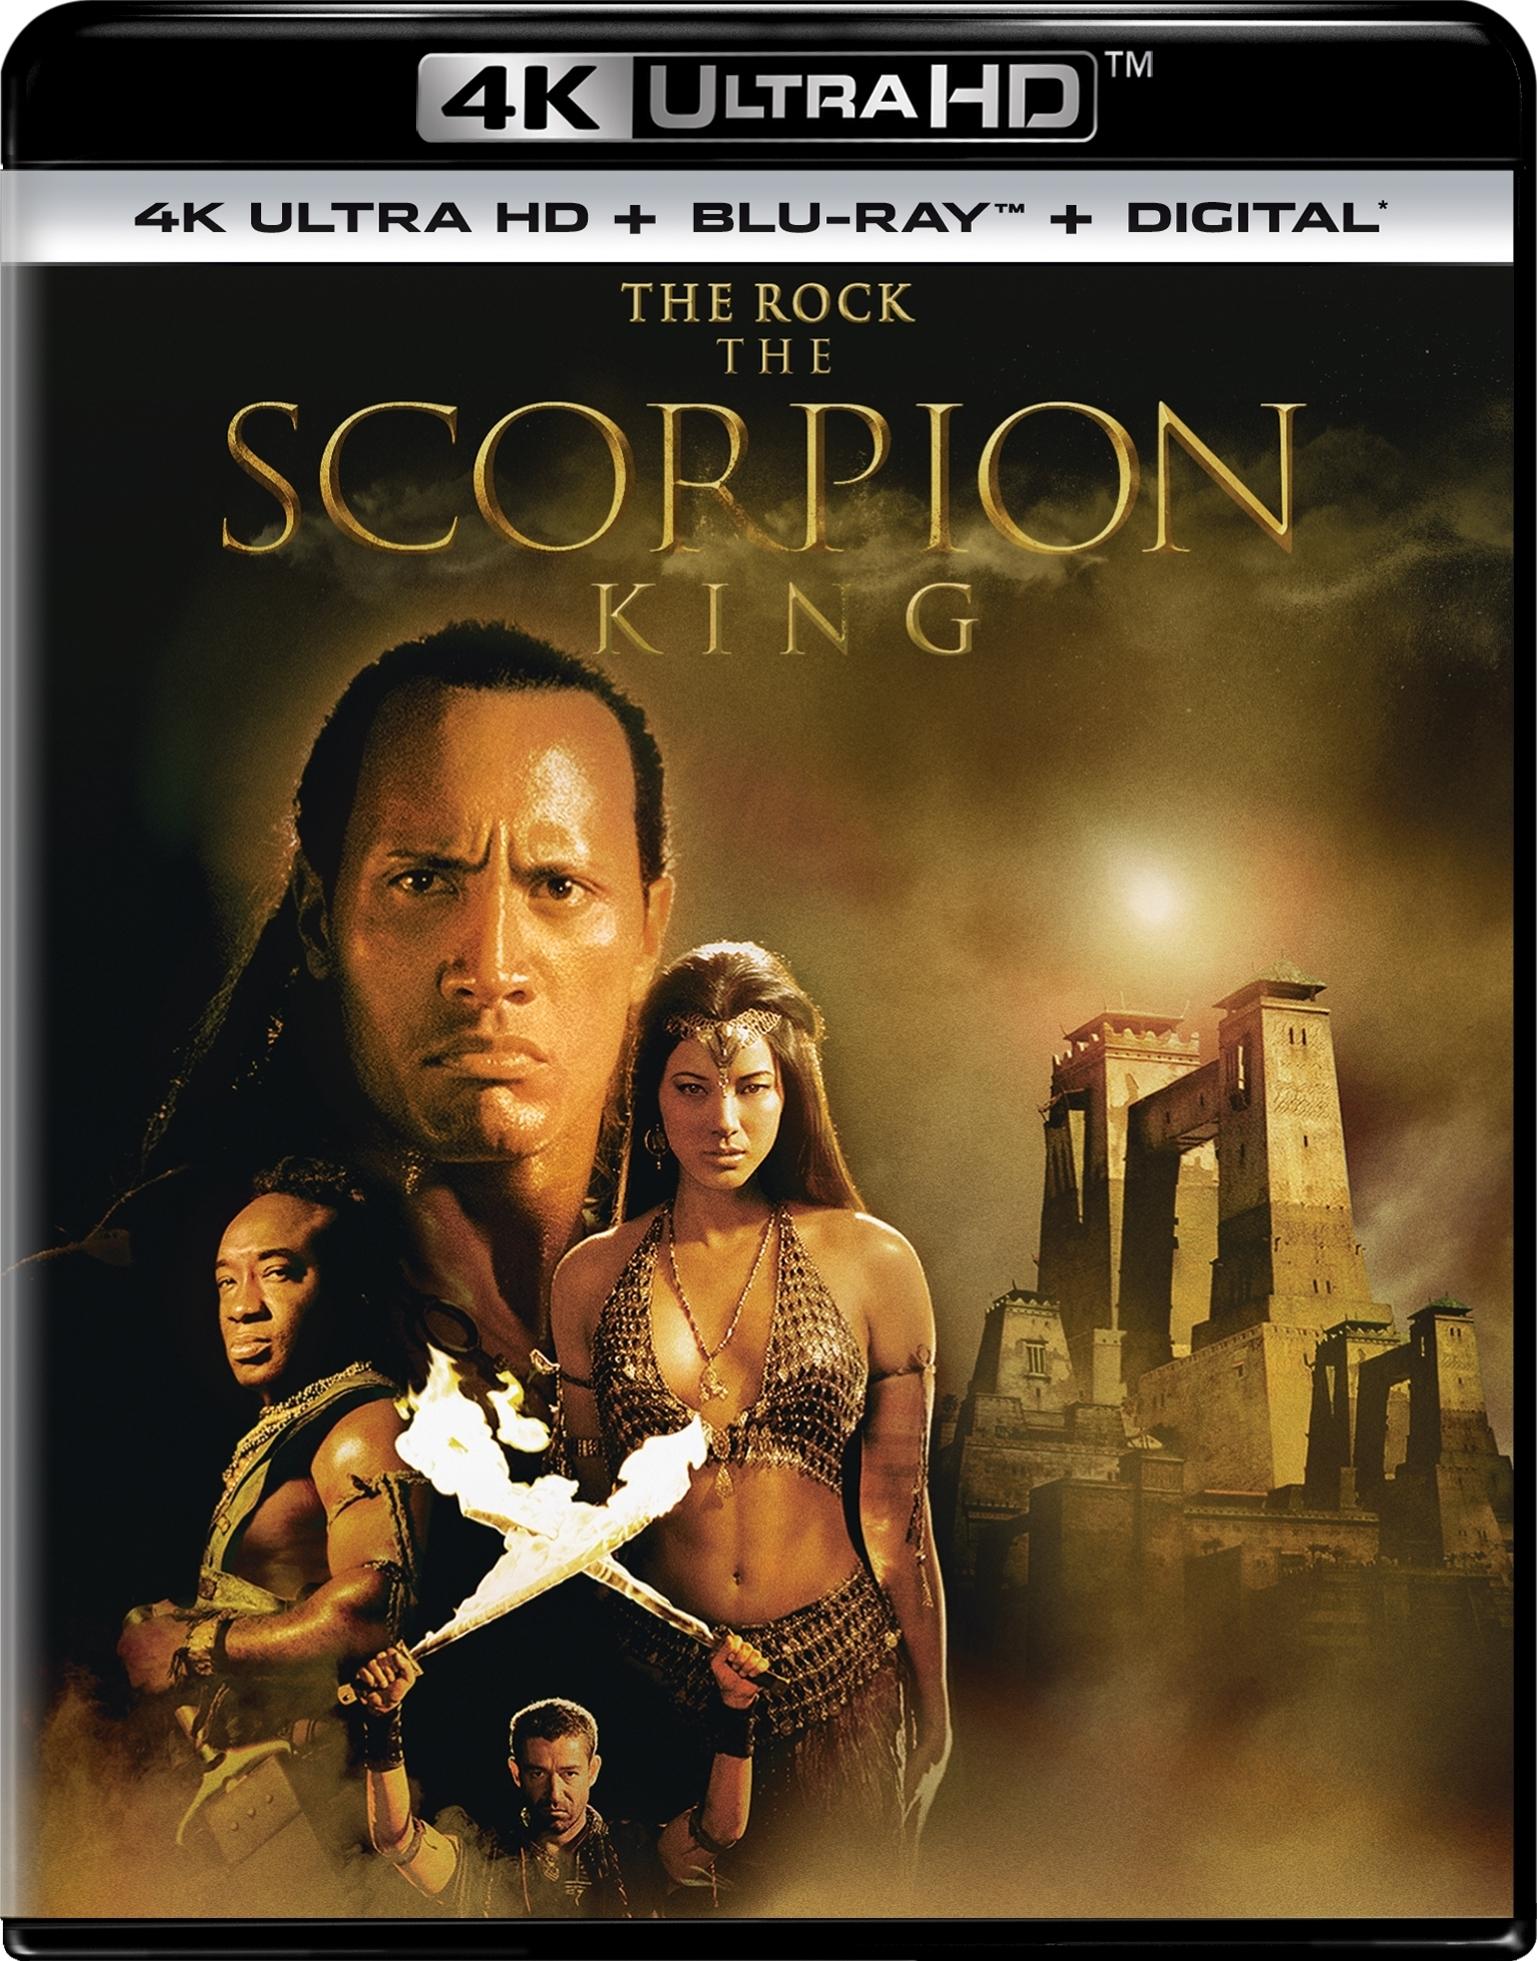 The Scorpion King (4K Ultra HD Blu-ray)(Pre-order / Jun 18)